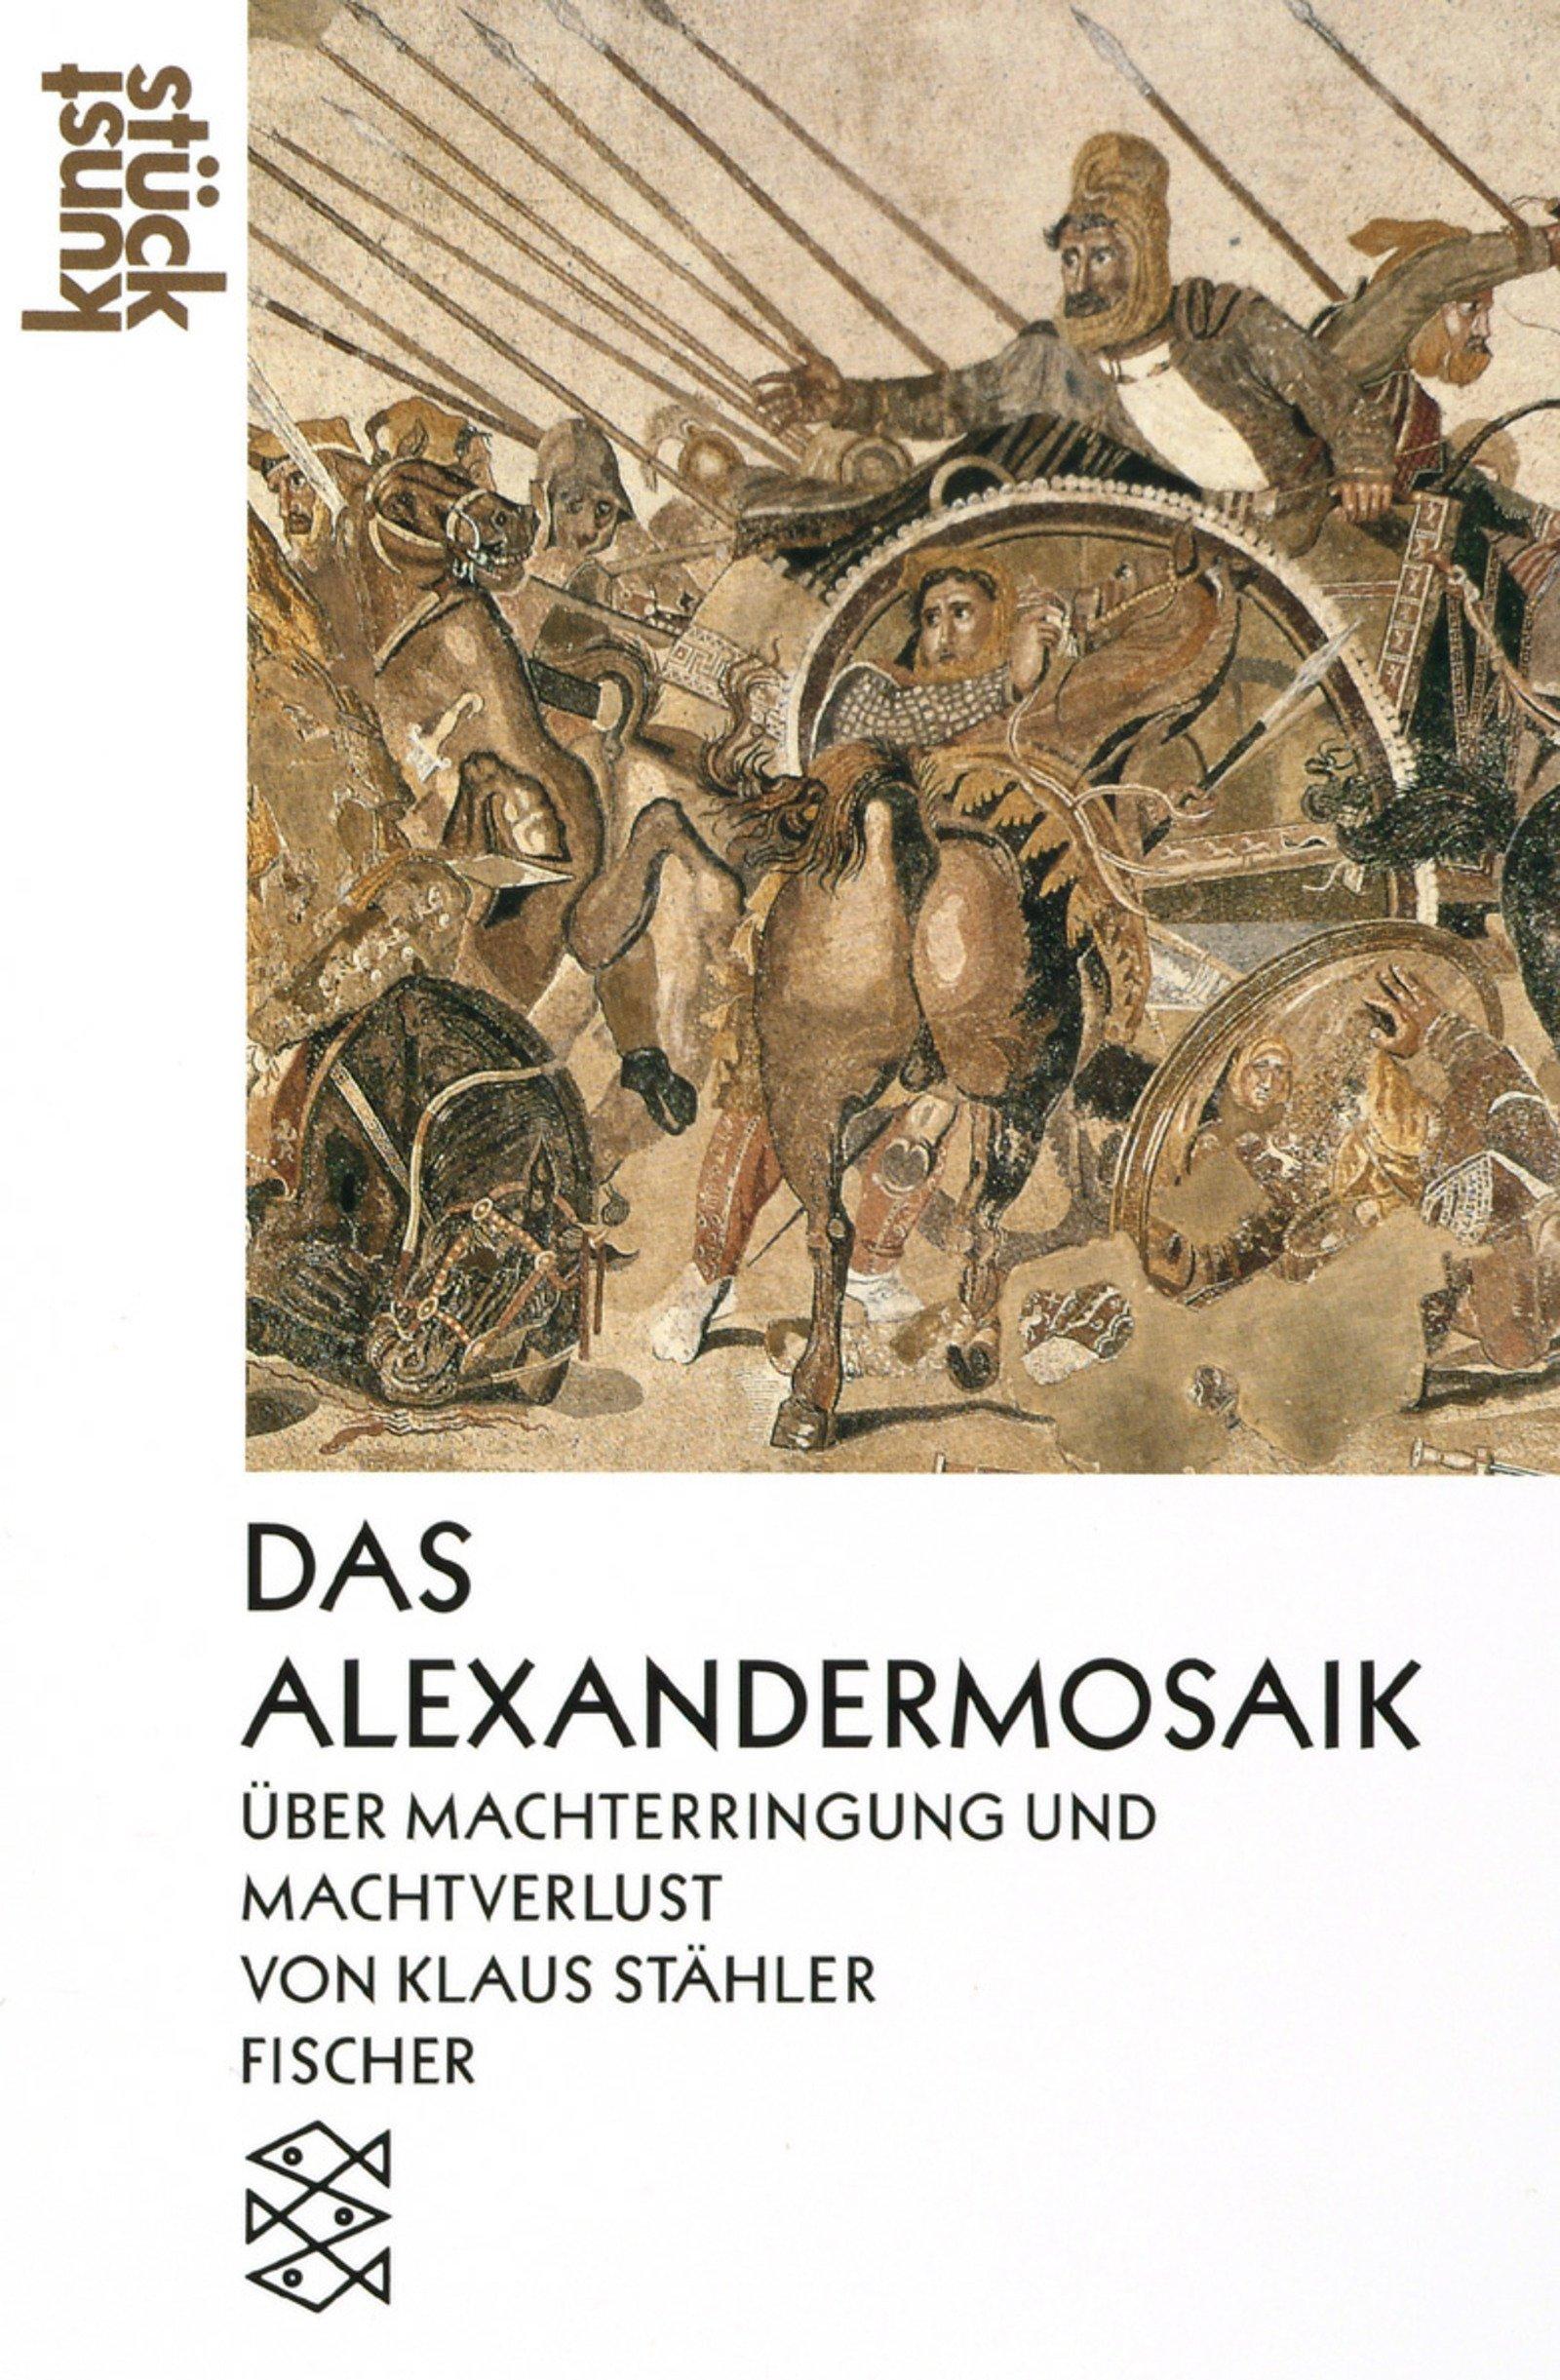 Das Alexandermosaik: Über Machterringung und Machtverlust